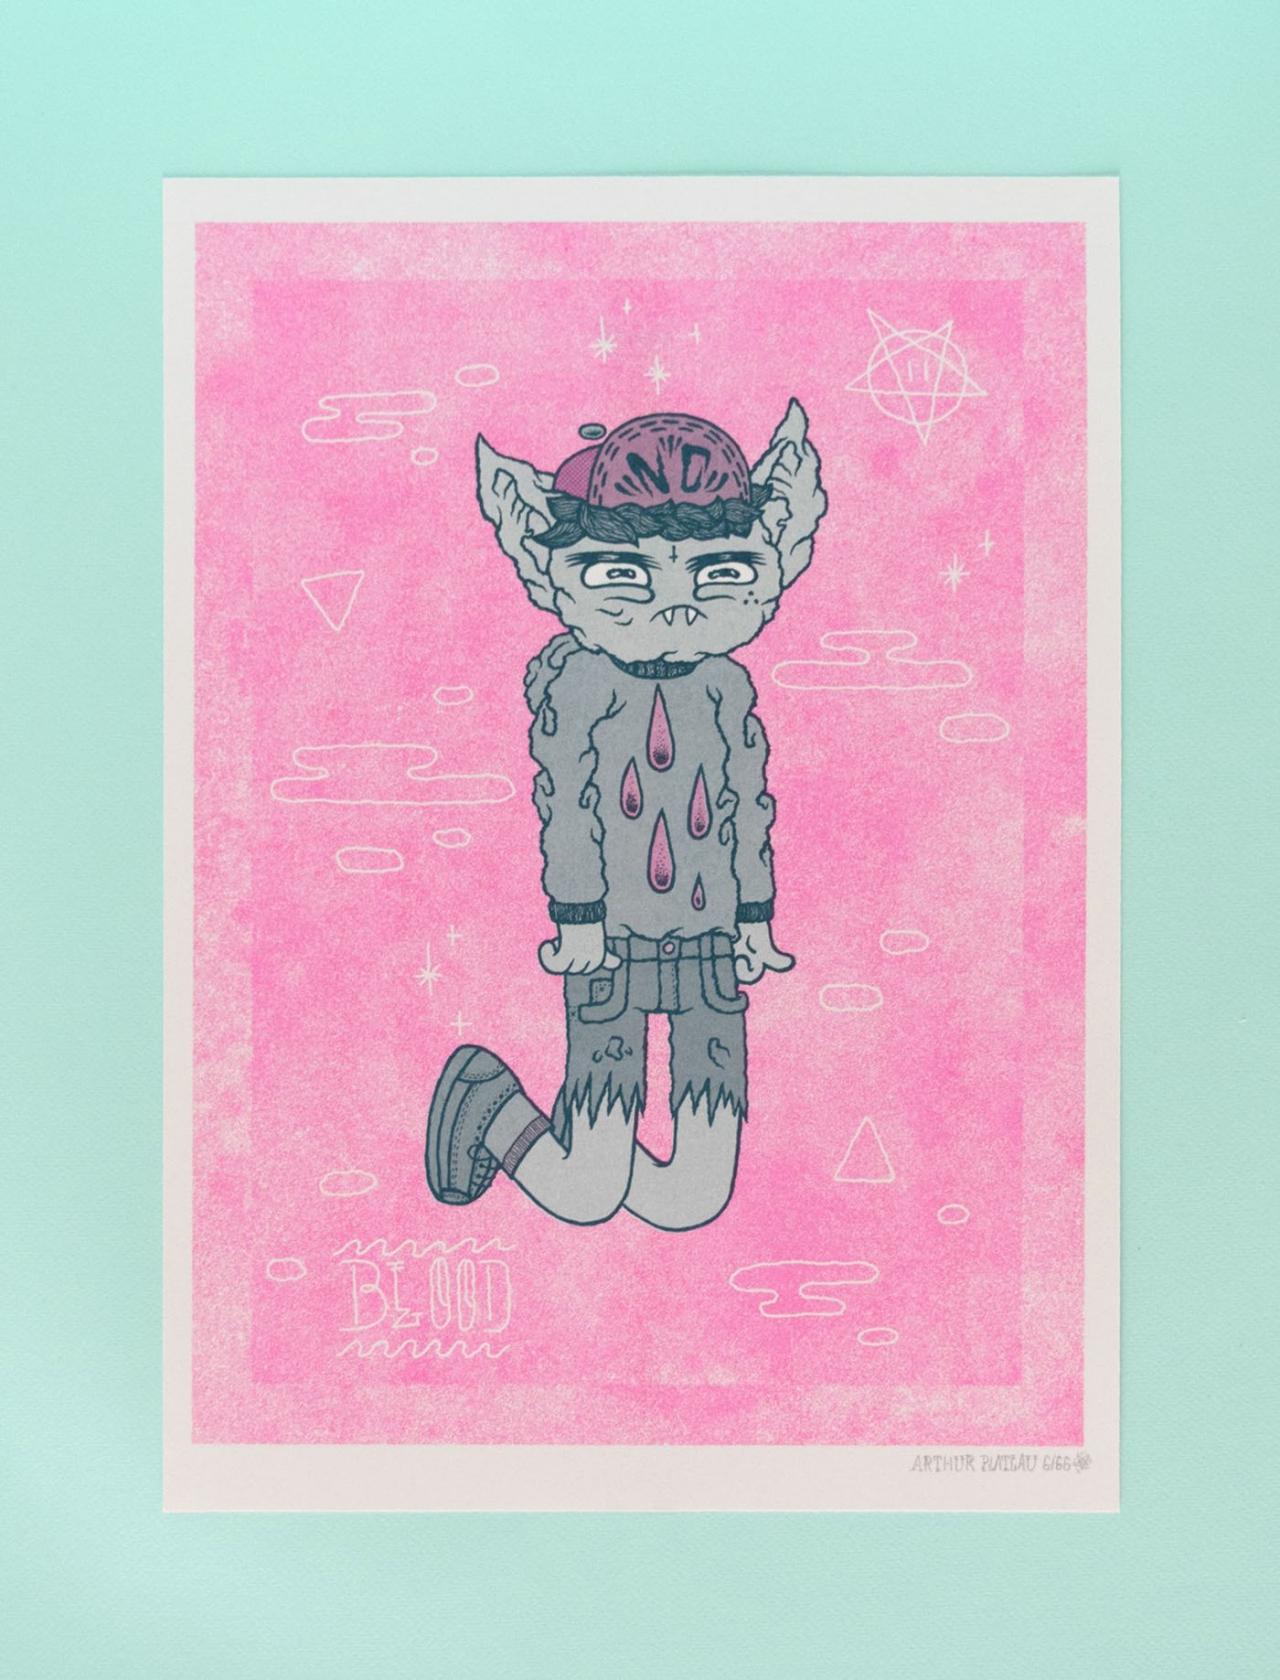 Arthur Plateau Bat Boy